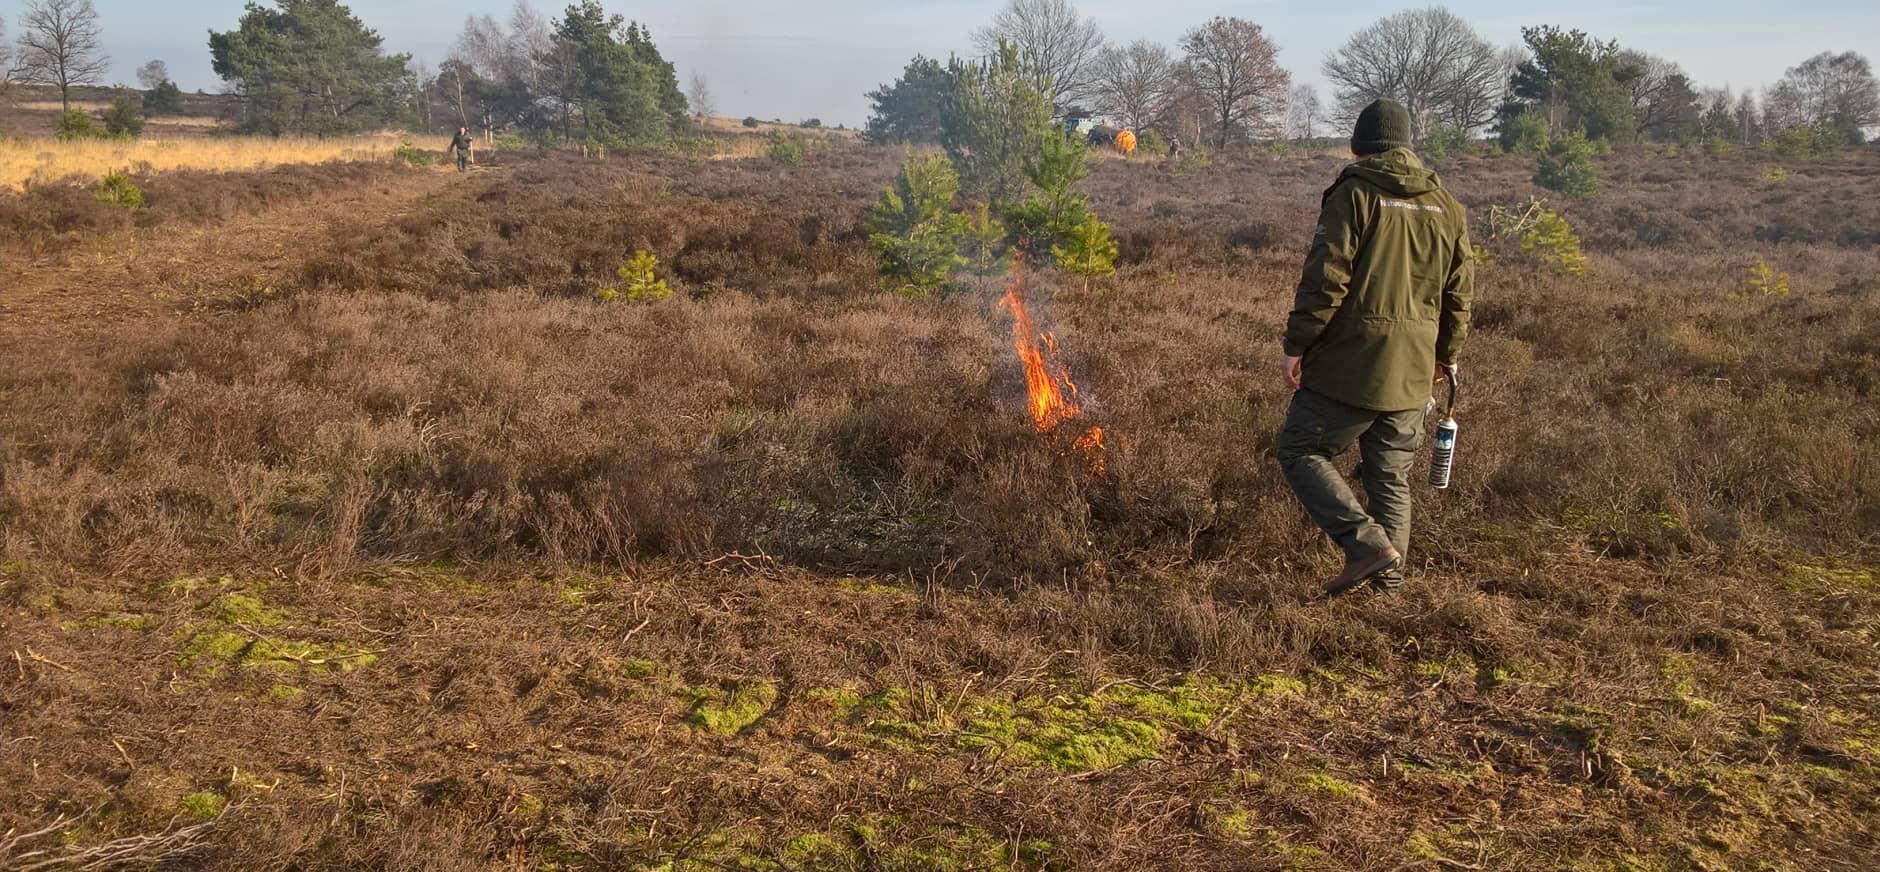 Heidebranden voor verbetering van de biodiversiteit